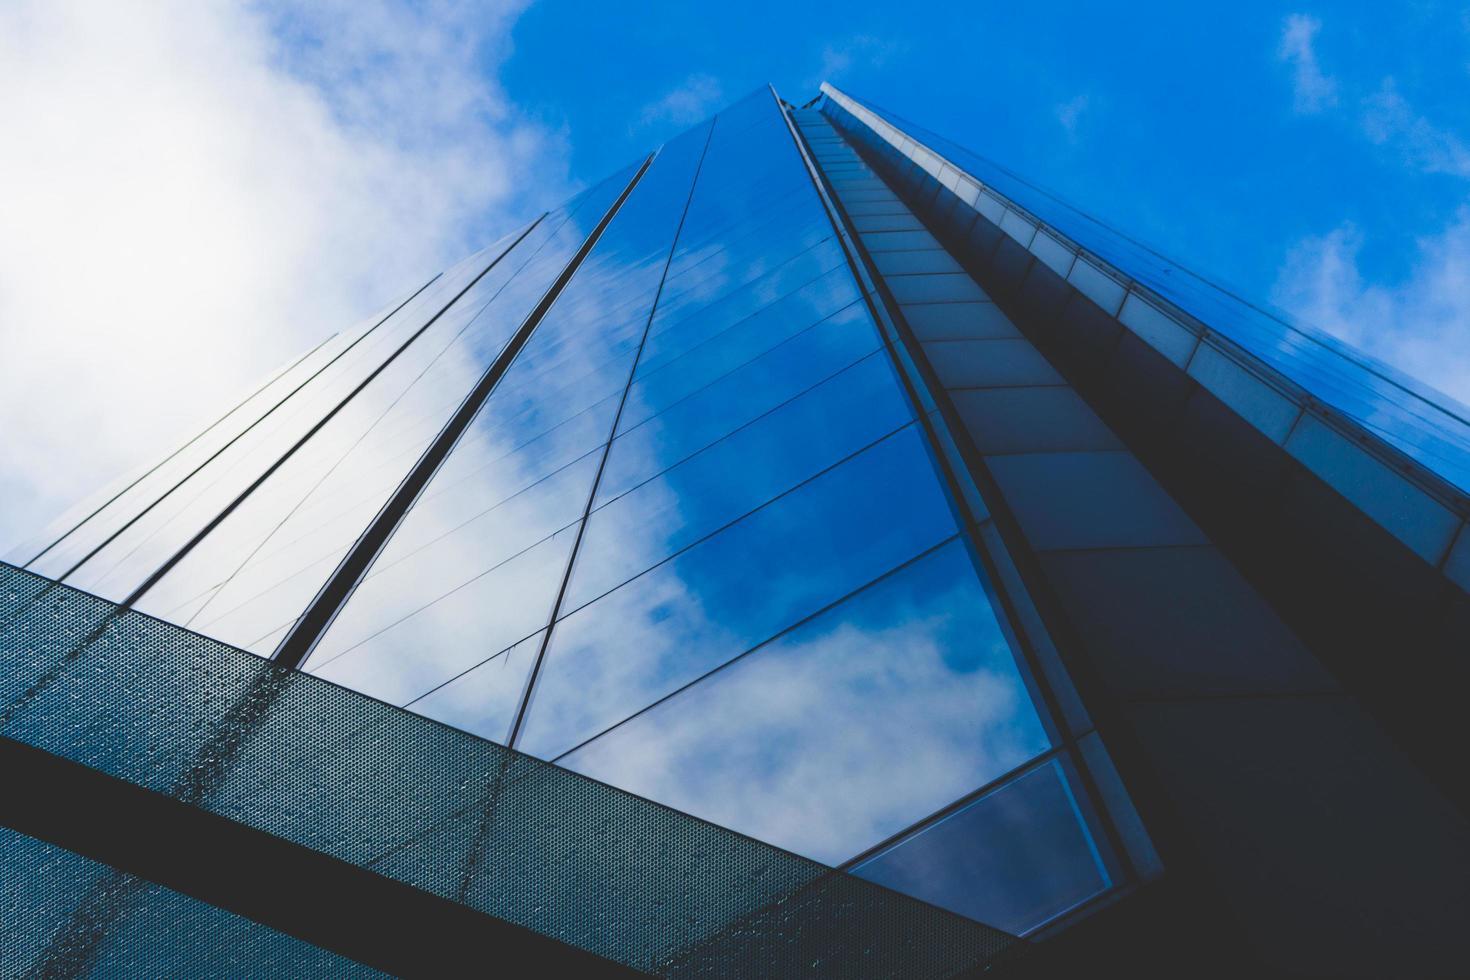 nuages et ciel bleu se reflétant dans les fenêtres du bâtiment photo